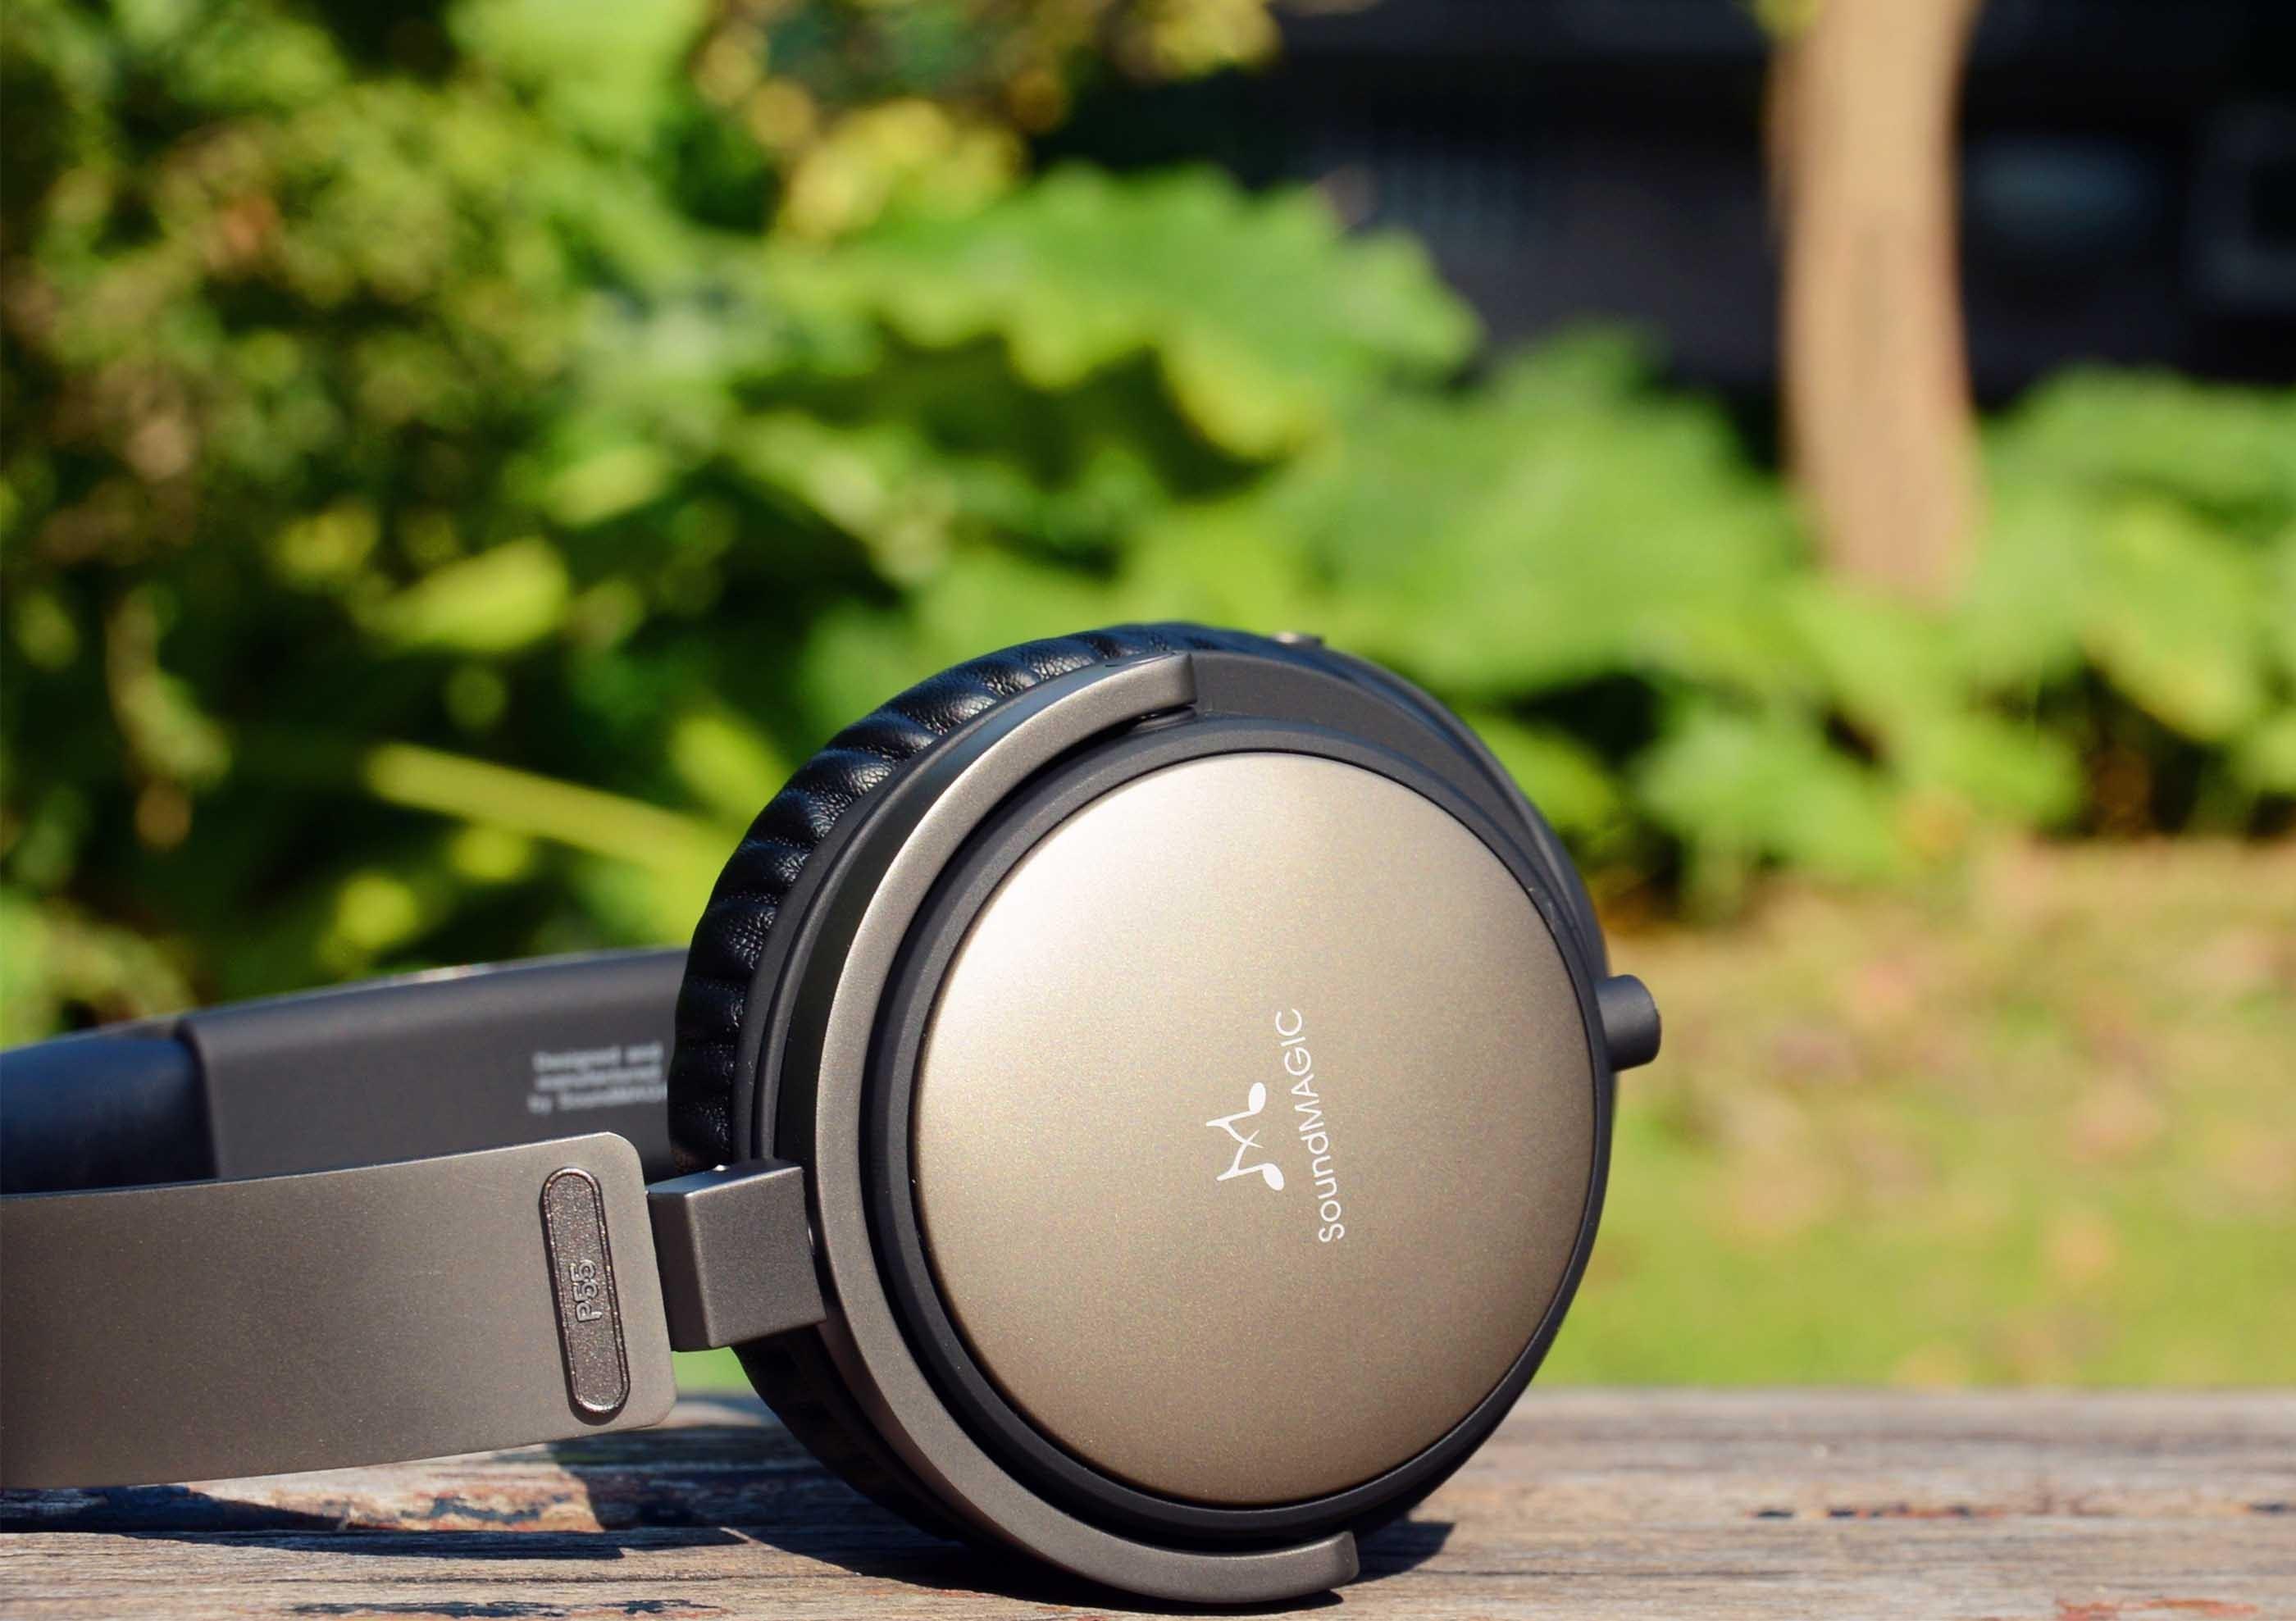 声美P55头戴式耳机图文评测